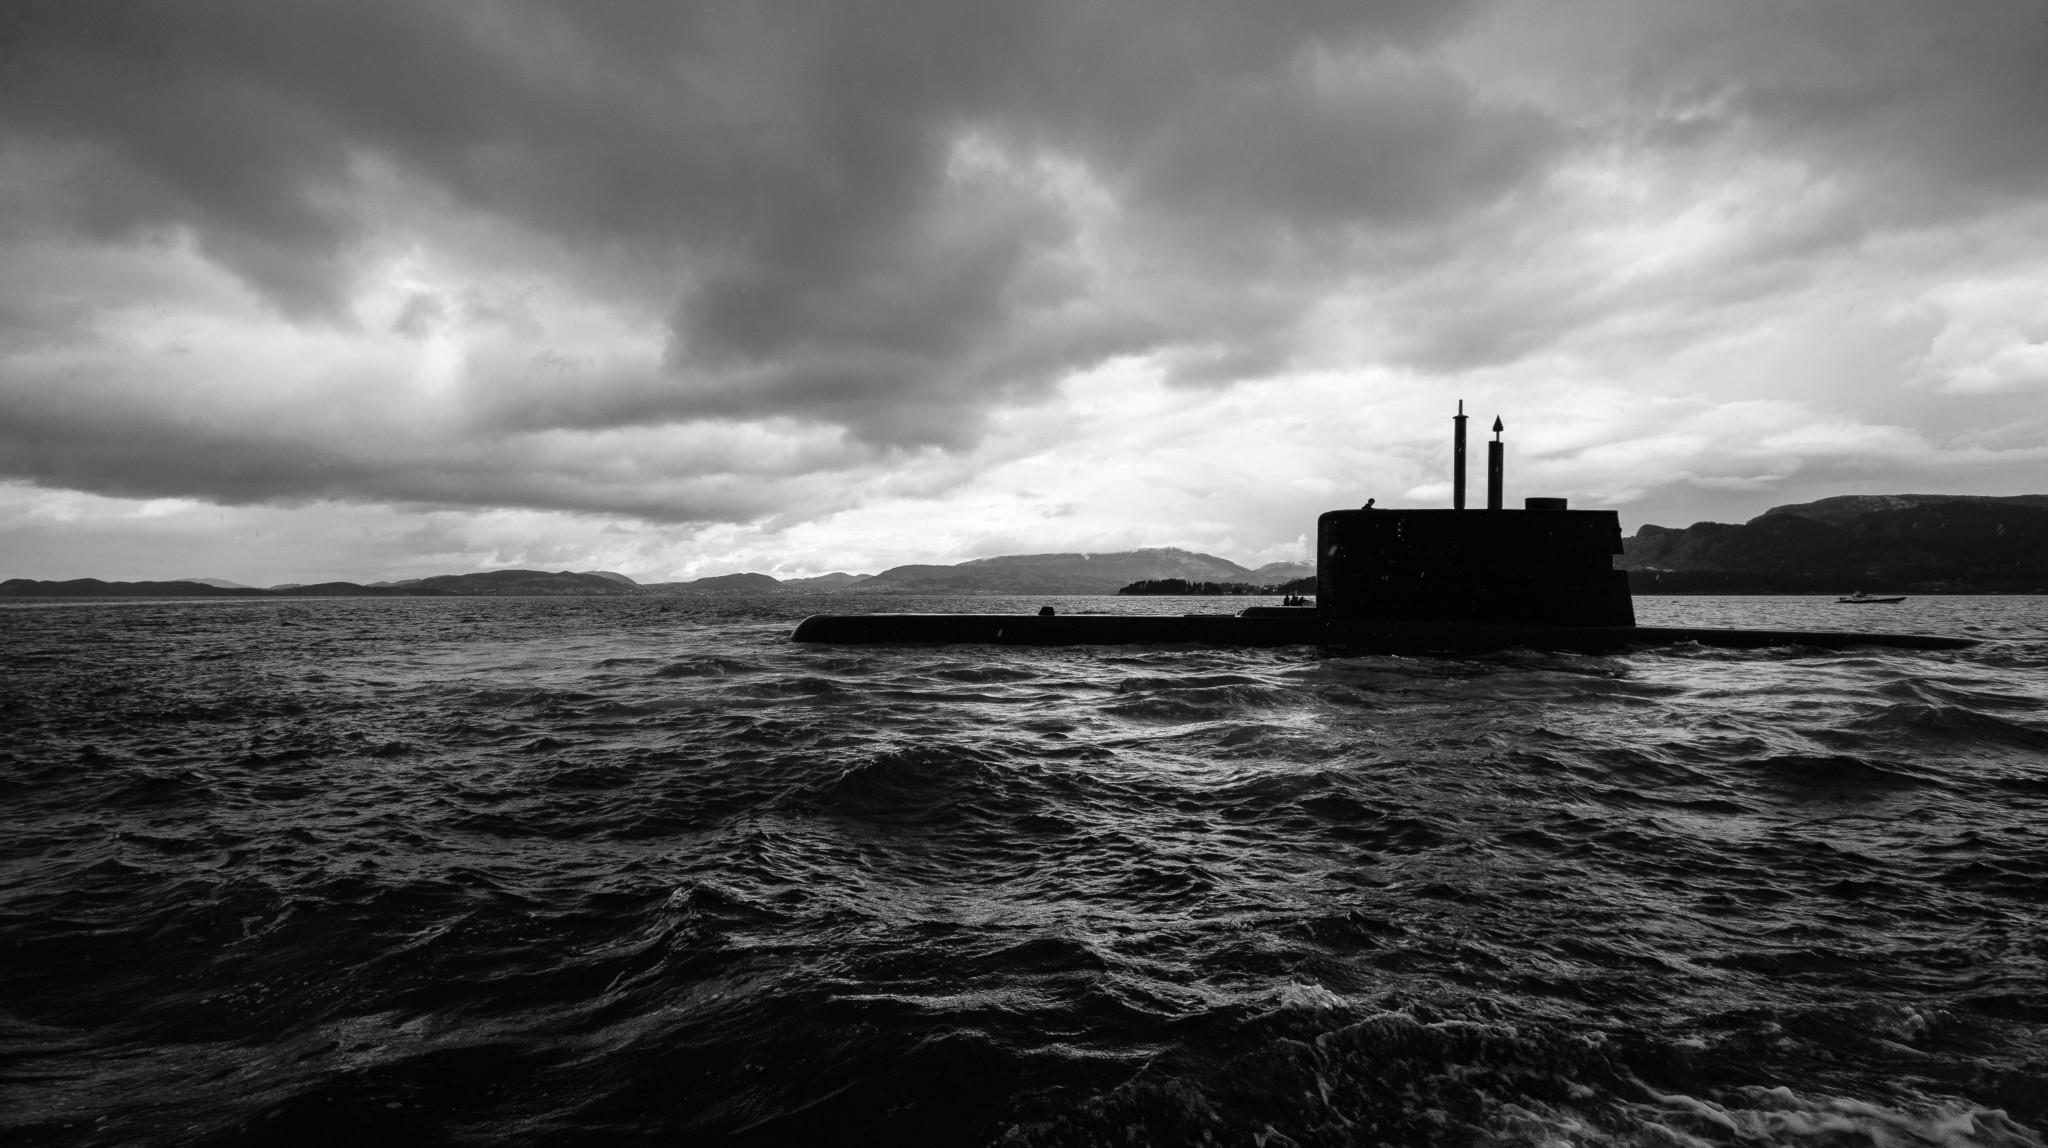 Mørke skyer på ubåthorisonten